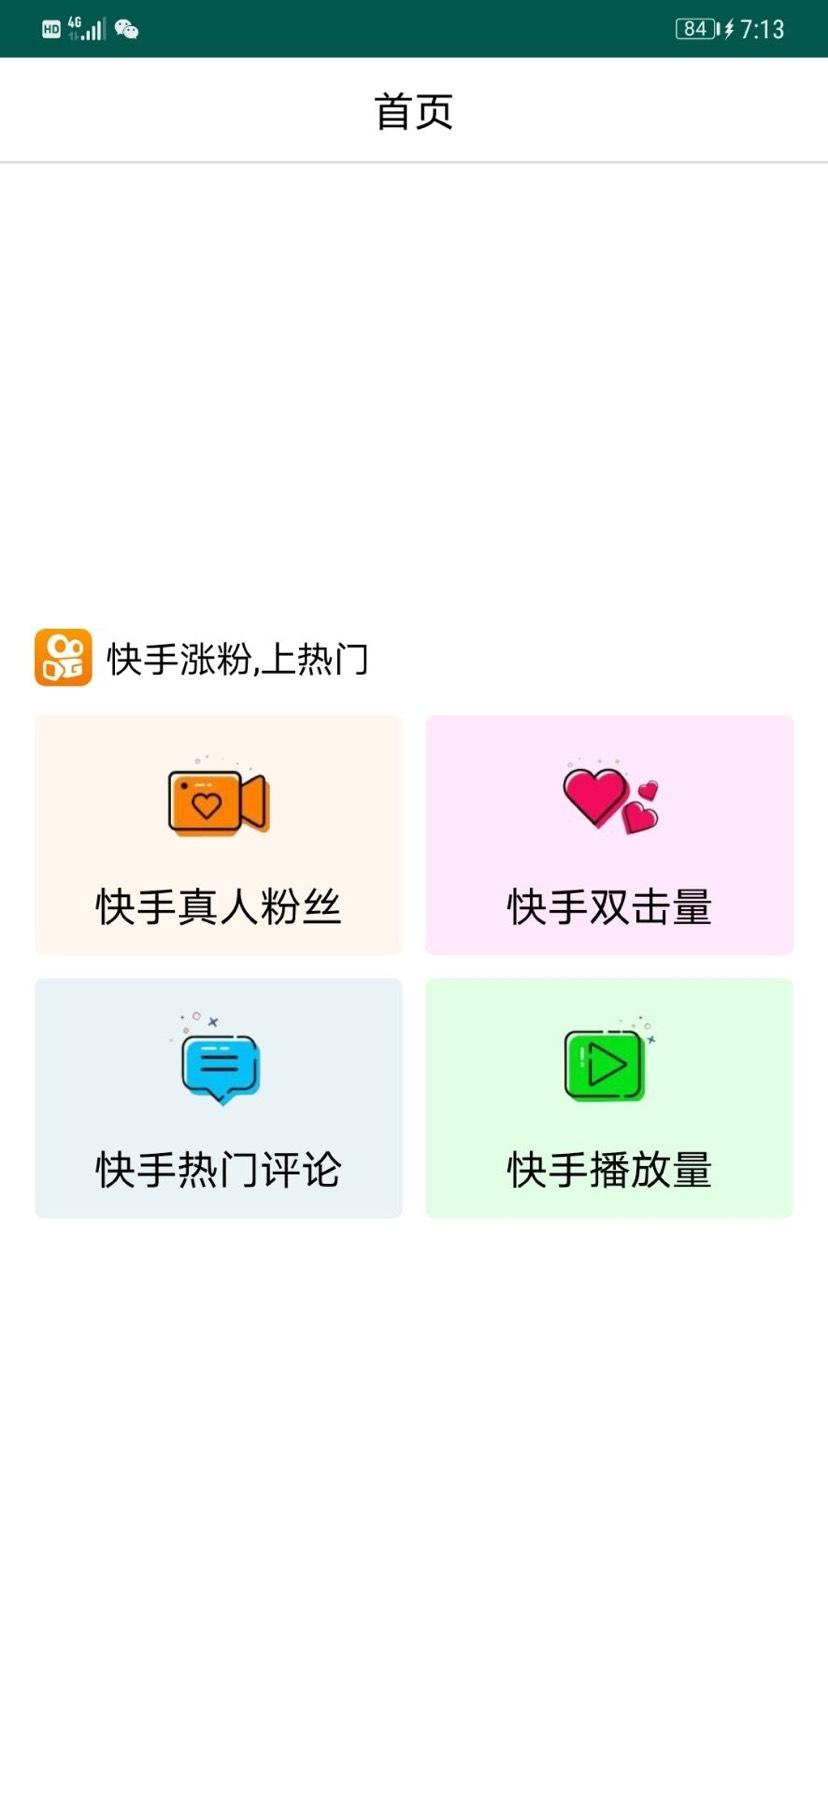 【原创】爱互粉v1.5.7恢复,快手互粉快手评论快手播放爱心等